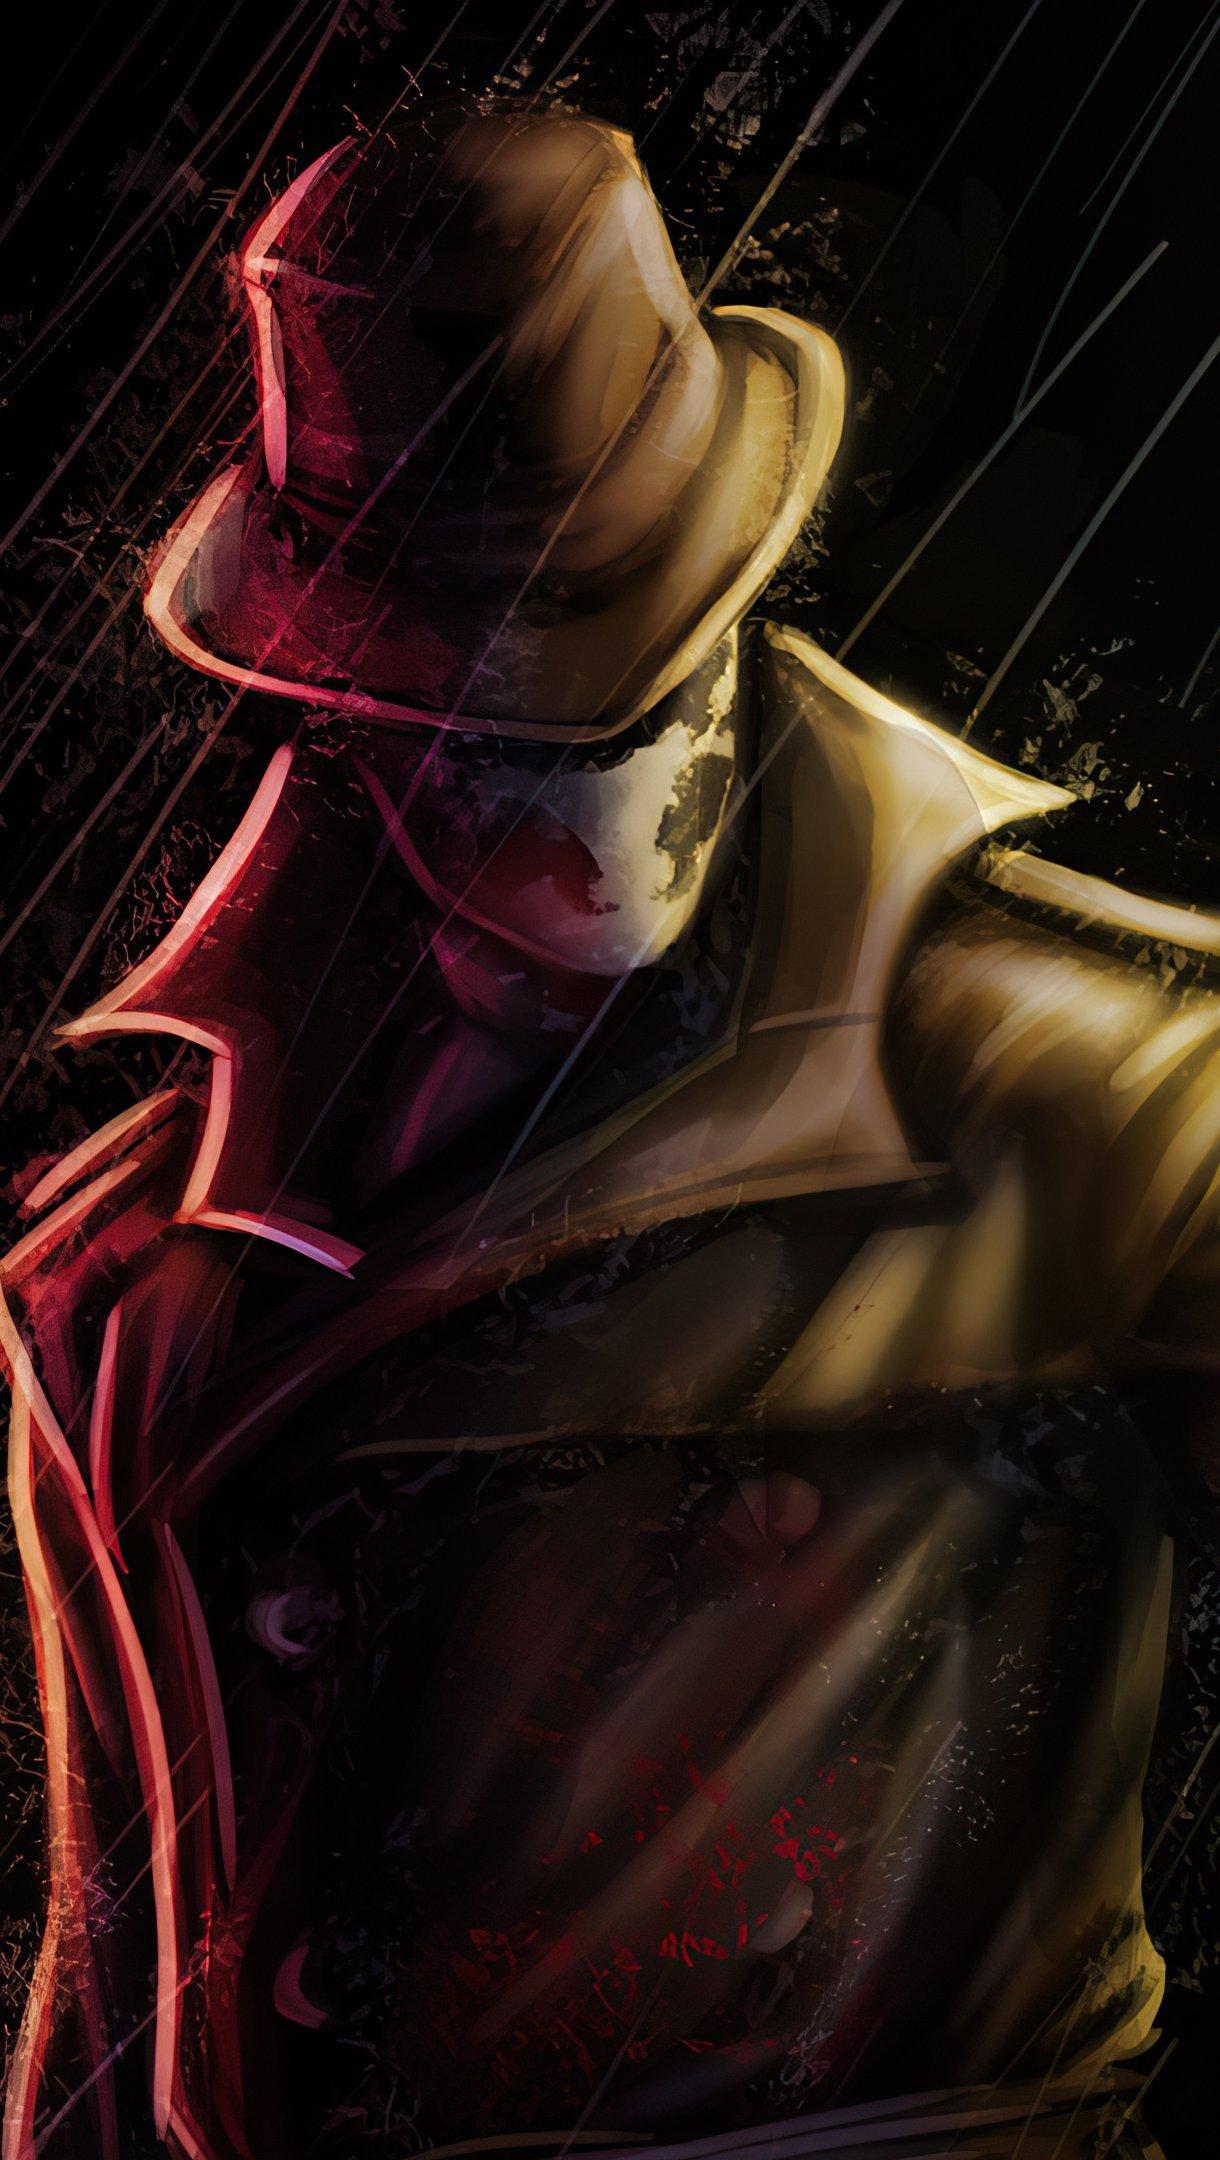 Fondos de pantalla Rorschach personaje de Watchmen Vertical